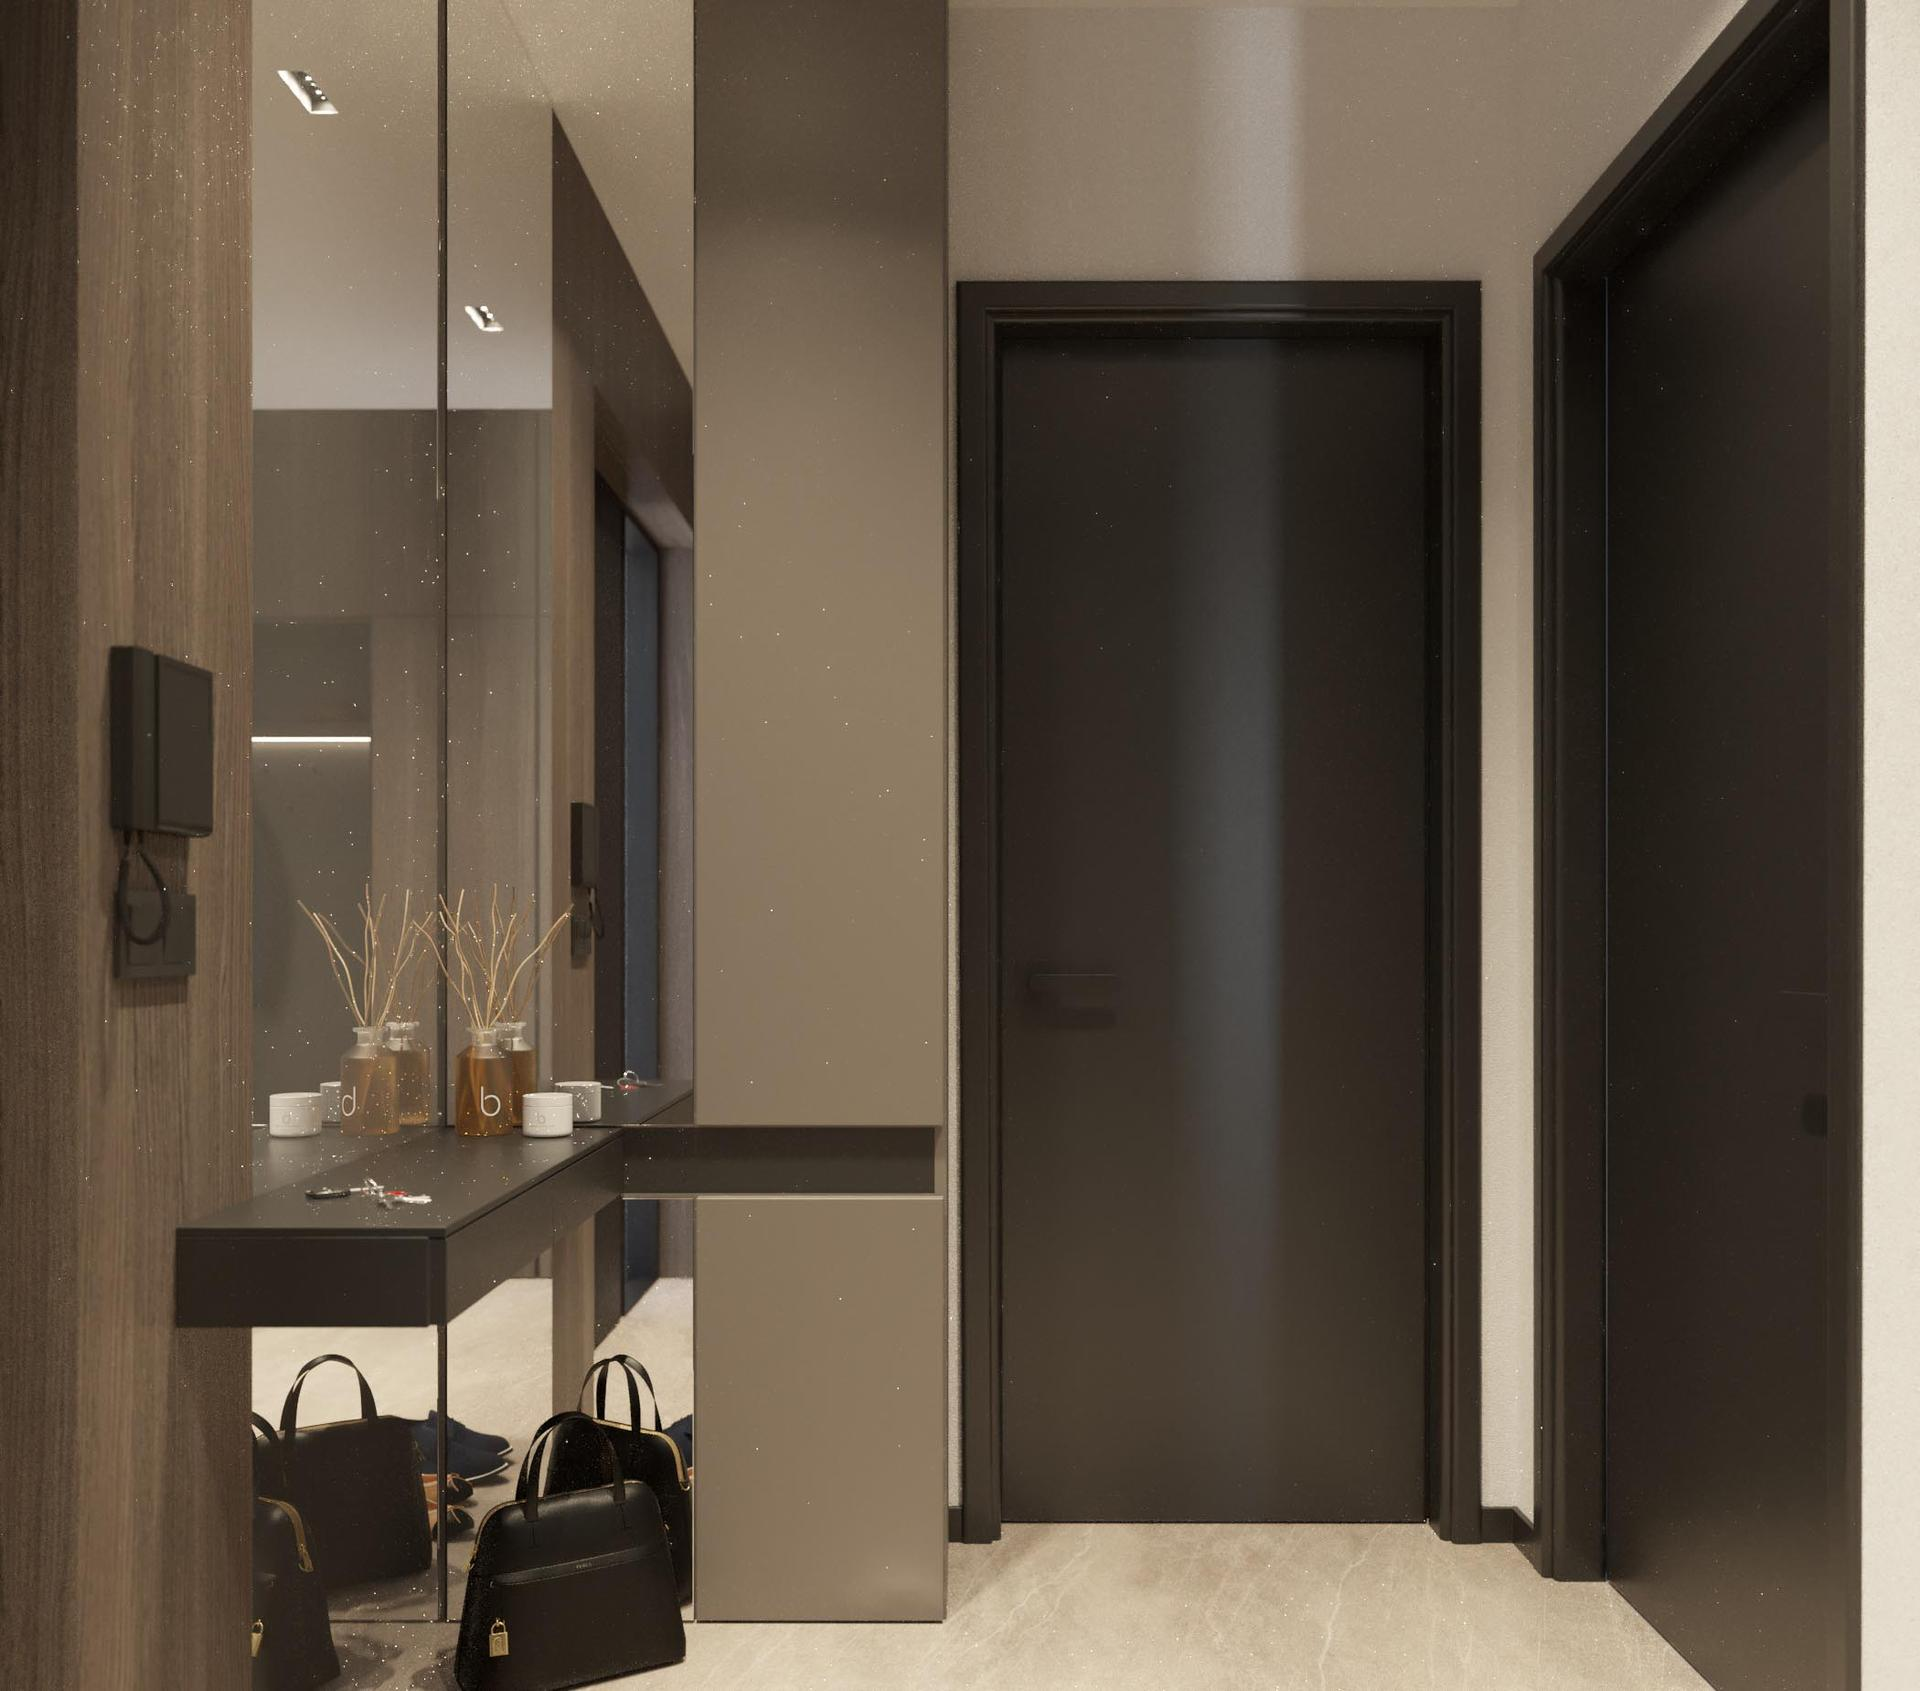 Návrh interiérového dizajnu :) - Obrázok č. 2